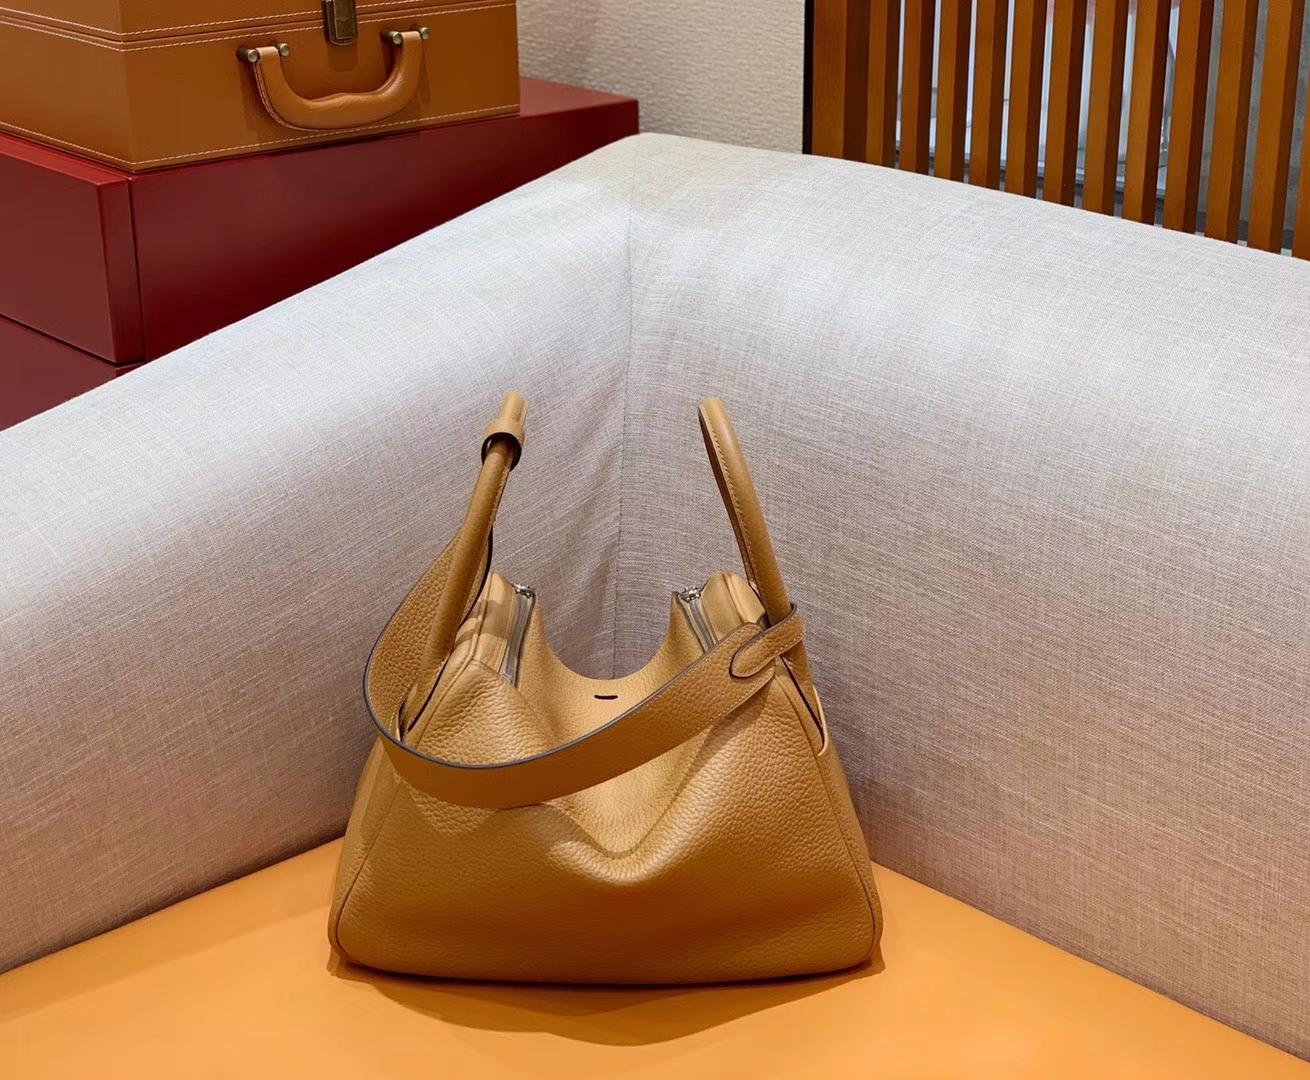 Hermès(爱马仕)Lindy 琳迪包 土黄色 Togo牛皮 进口 原料 蜡线手缝 银扣 30cm